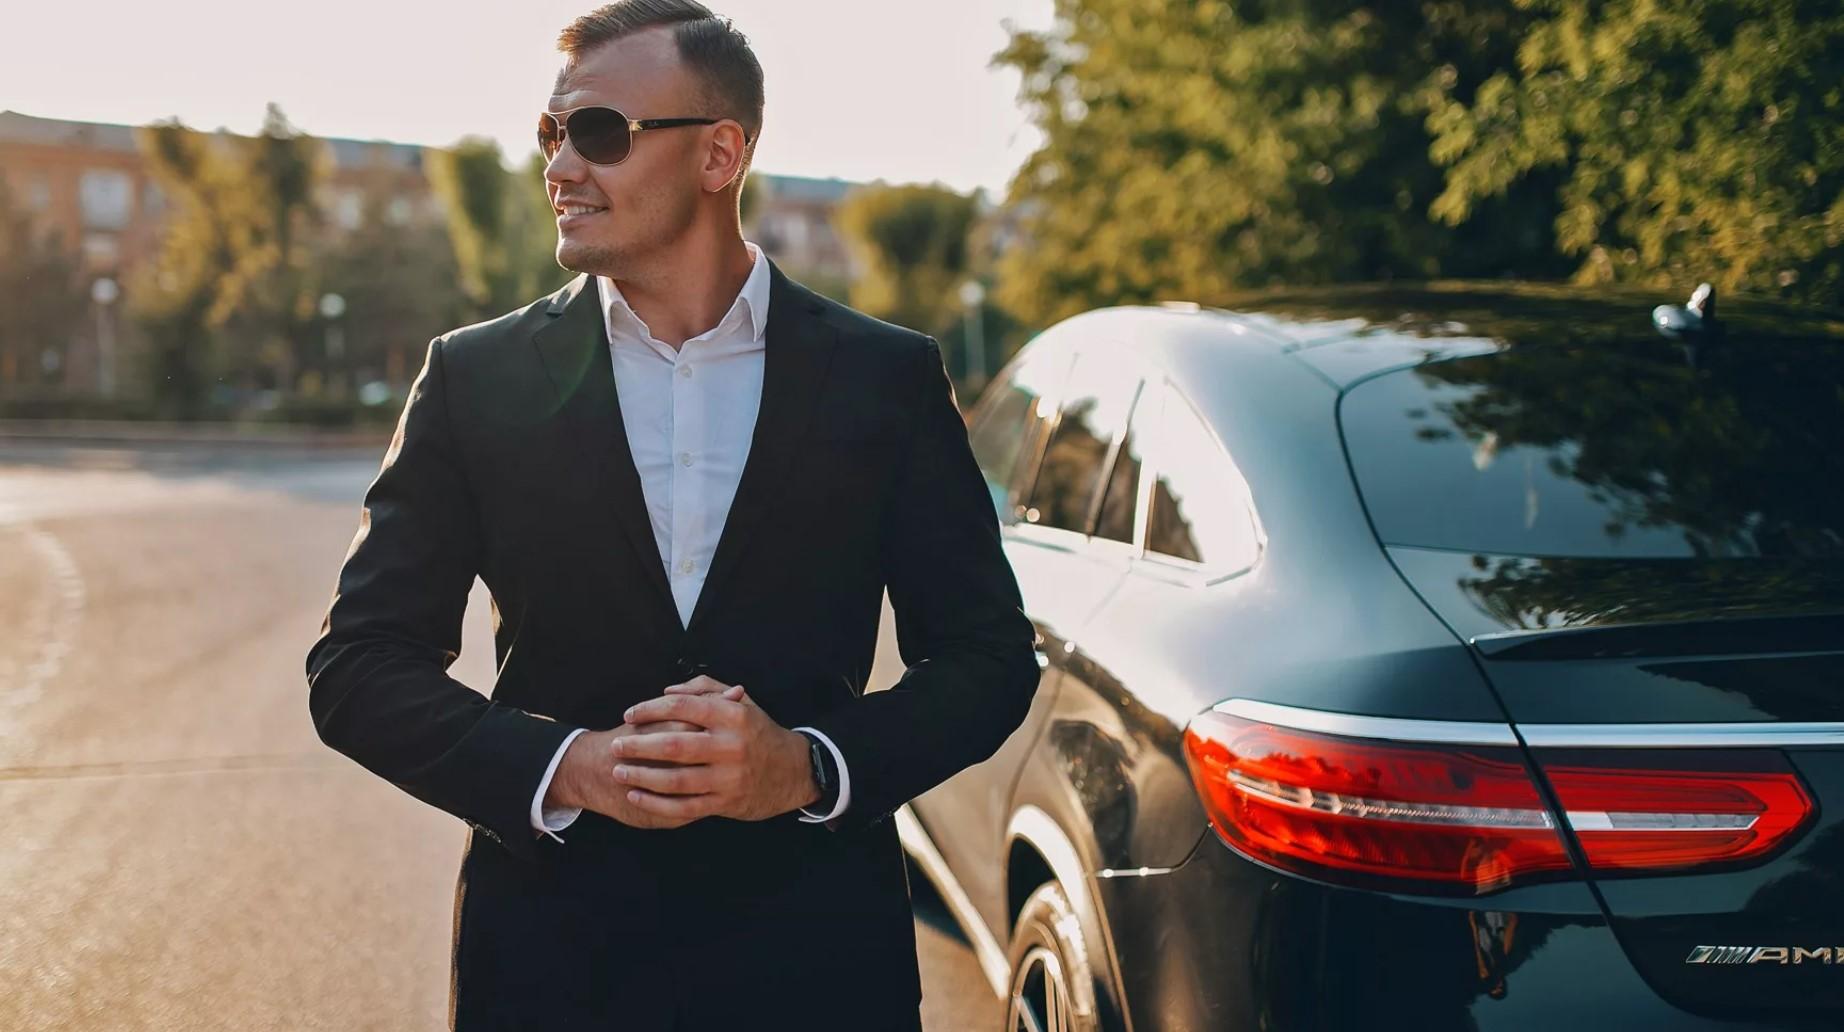 Интересные факты о миллионерах + 9 качеств миллионеров по исследованию журнала Forbes